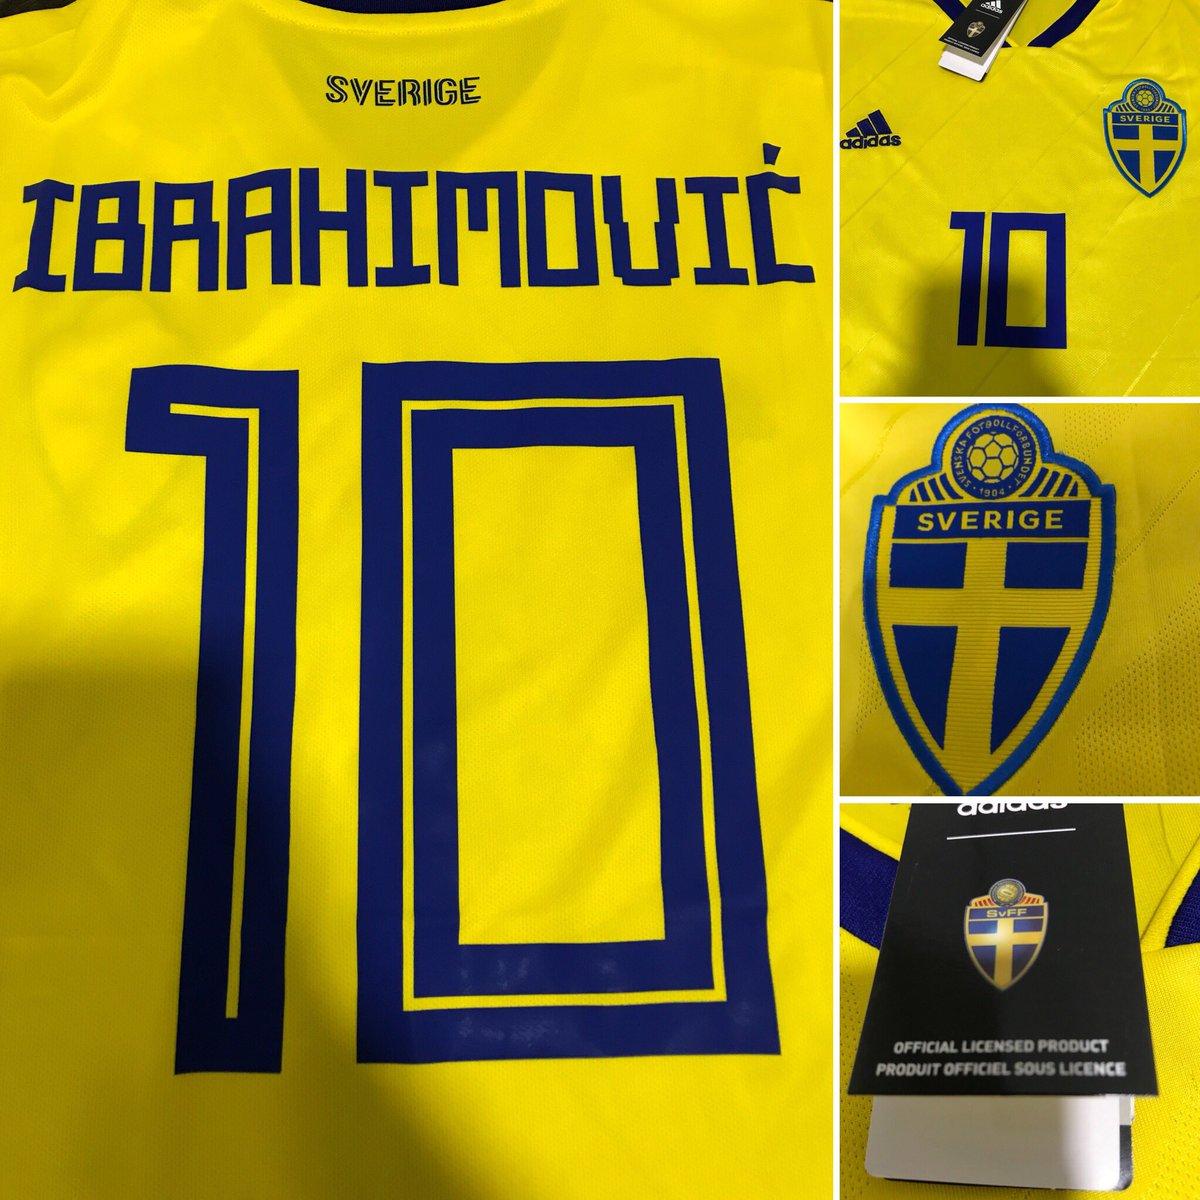 Siegue a @tdmas_cr, dale RT a la imagen y participa por la camisa del dios sueco. Sorteo esta noche